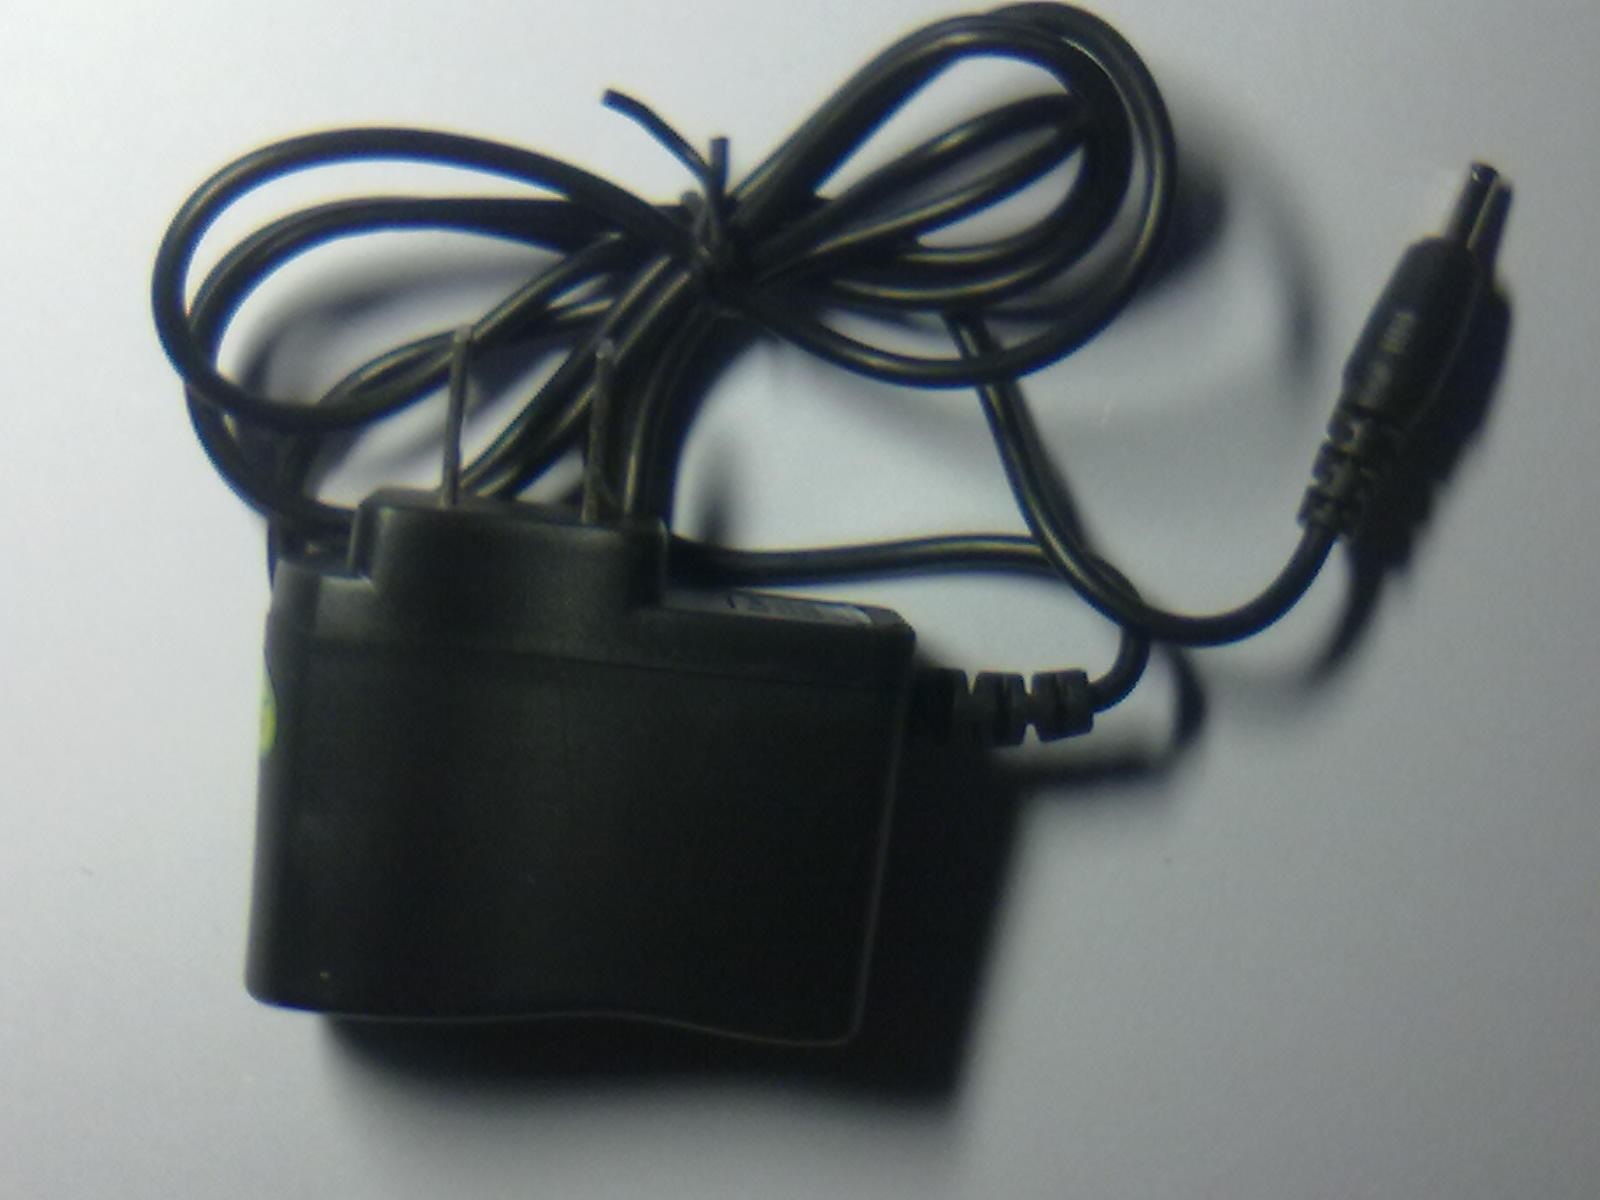 Зарядное устройство для мобильных телефонов Lung Qi 1100 1108 1110 3100 1112 Lung Qi